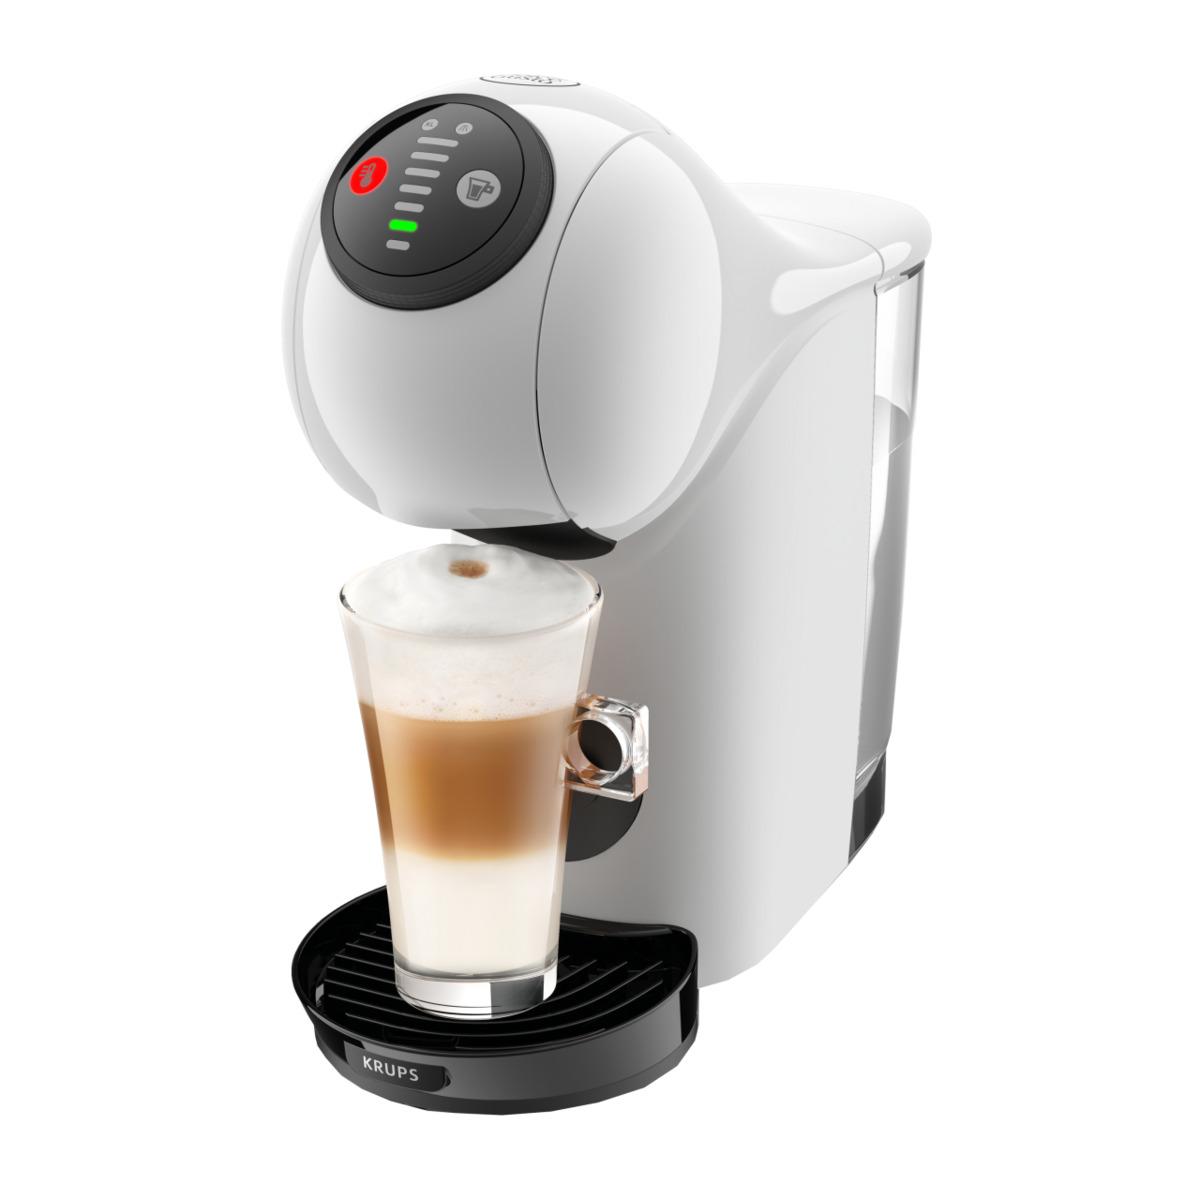 Bild 4 von Krups KP2401 Nescafé Dolce Gusto Genio S Kaffeekapselmaschine